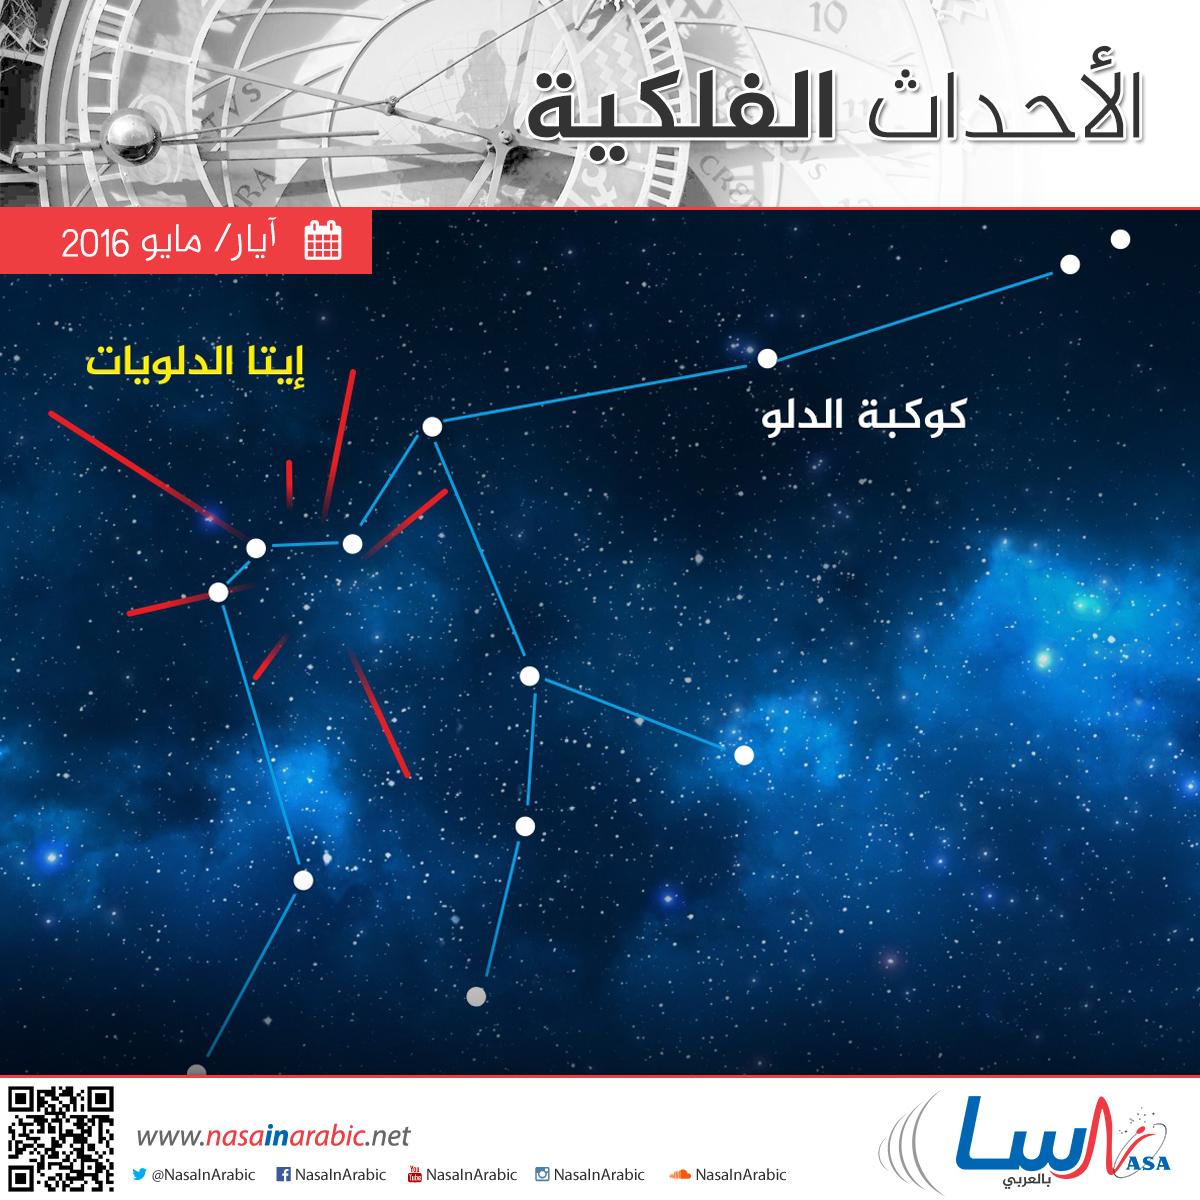 أهم الأحداث الفلكية خلال شهر أيار/مايو 2016